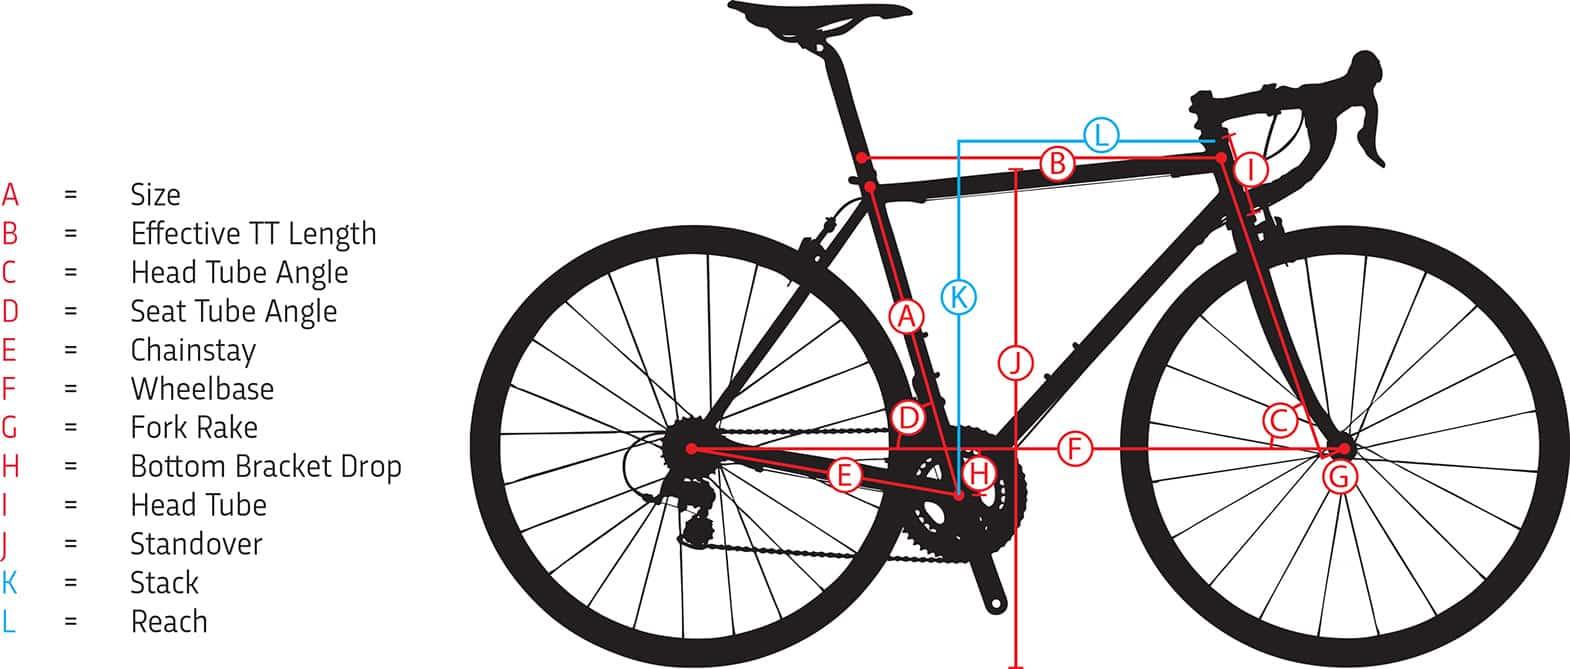 bike size explained